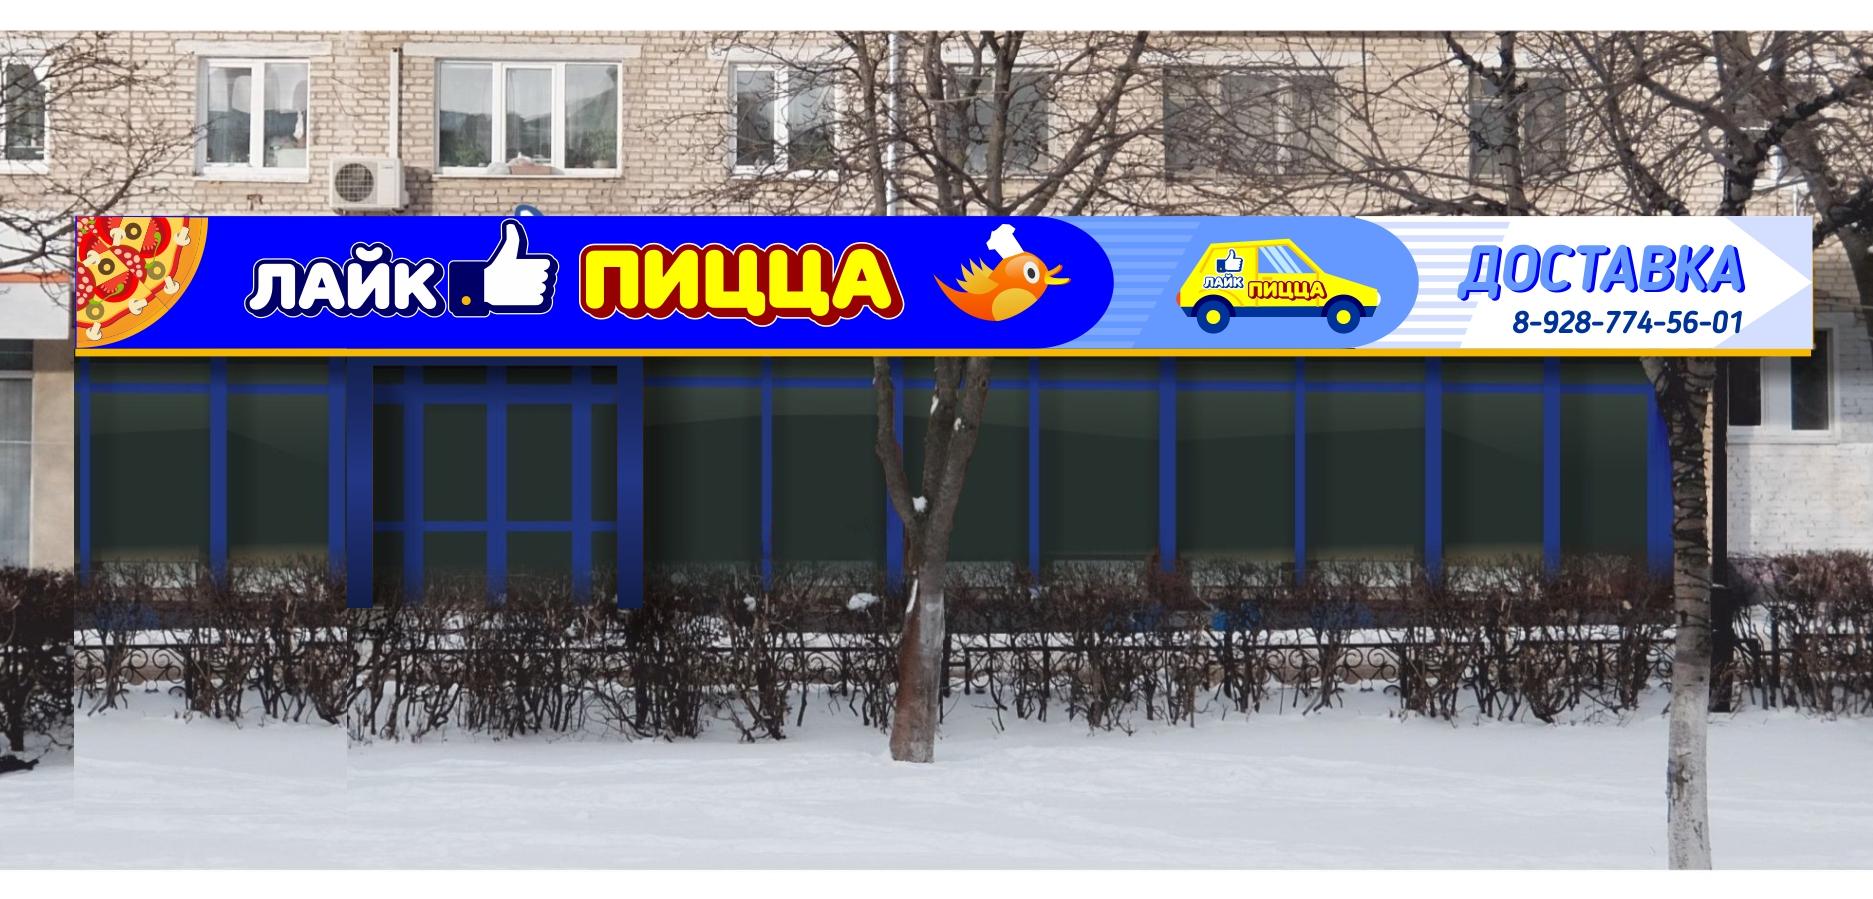 Дизайн уличного козырька с вывеской для пиццерии фото f_2175873e299ad971.jpg